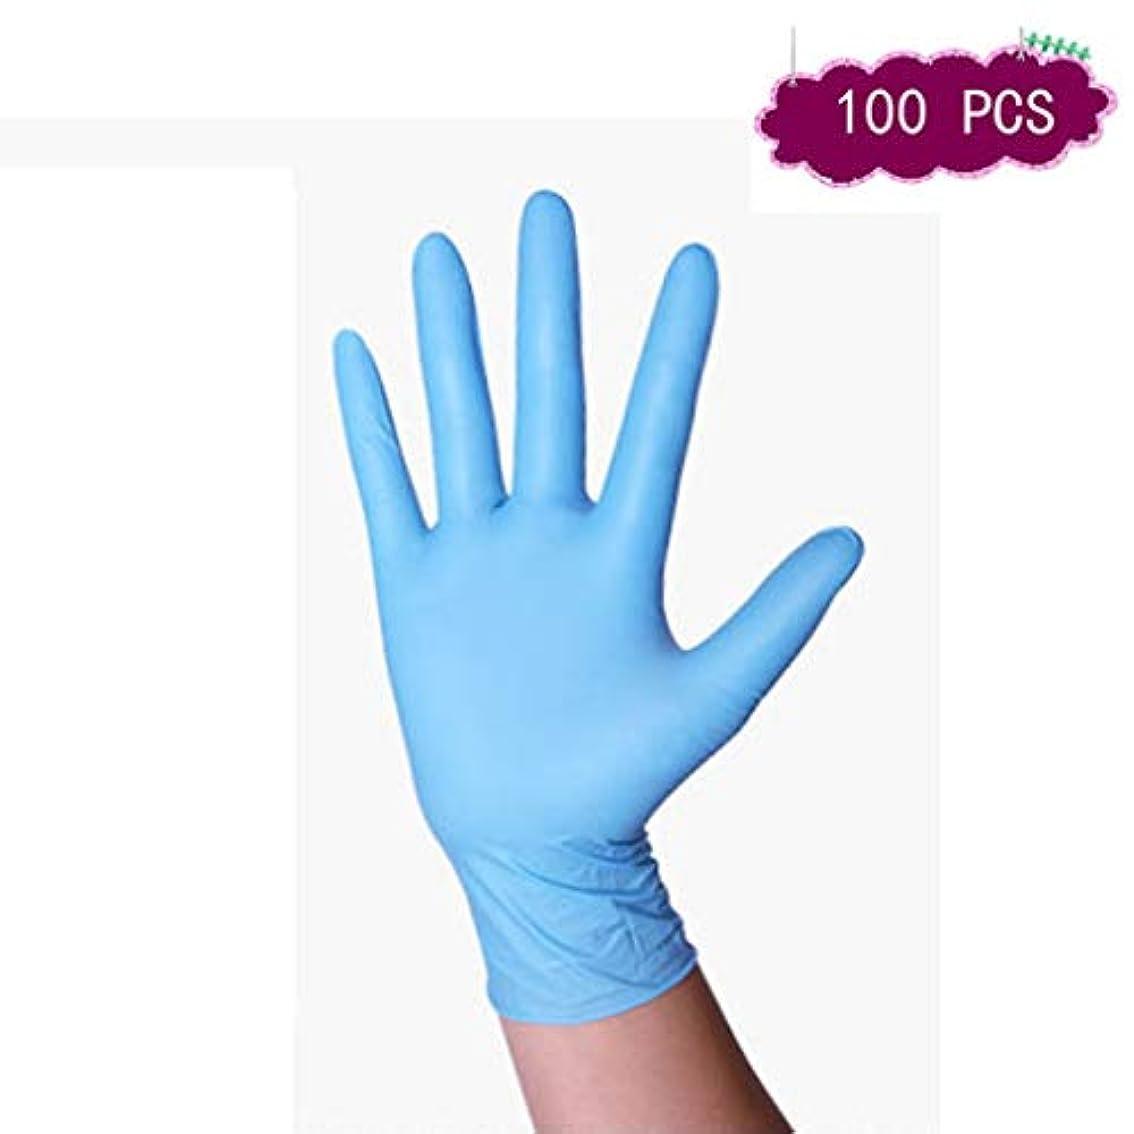 ソファーリネン加害者使い捨てラテックス手袋ニトリルパウダーフリーの耐久性のある青の保護食品研究所のスキッド手袋なしパウダー (Color : 9 inch, Size : L)